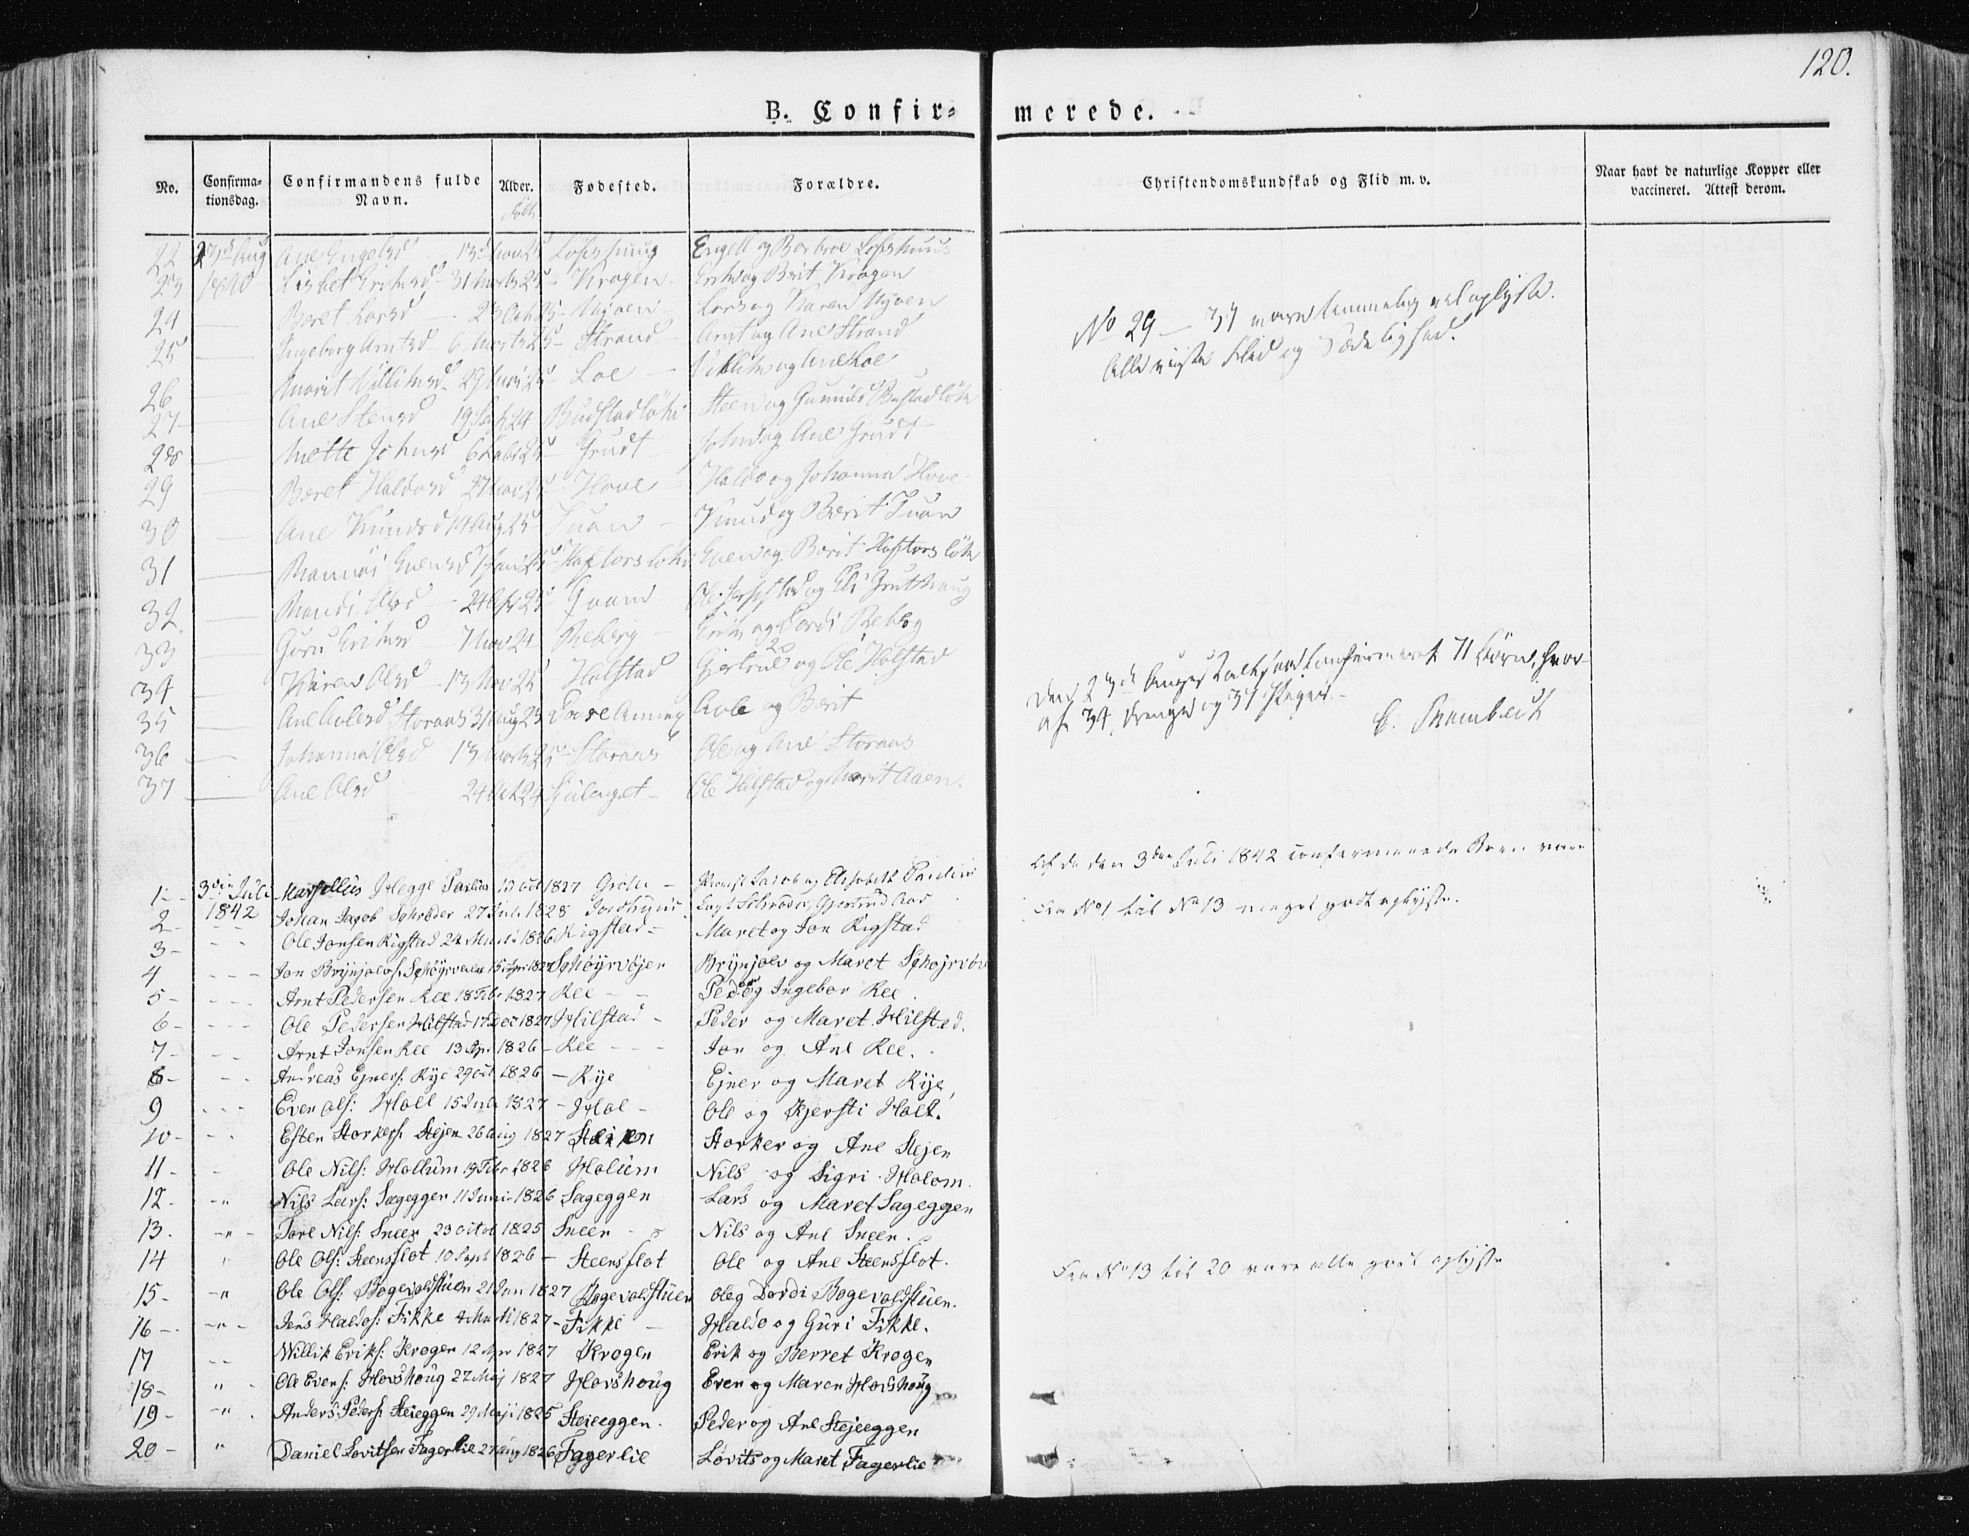 SAT, Ministerialprotokoller, klokkerbøker og fødselsregistre - Sør-Trøndelag, 672/L0855: Ministerialbok nr. 672A07, 1829-1860, s. 120